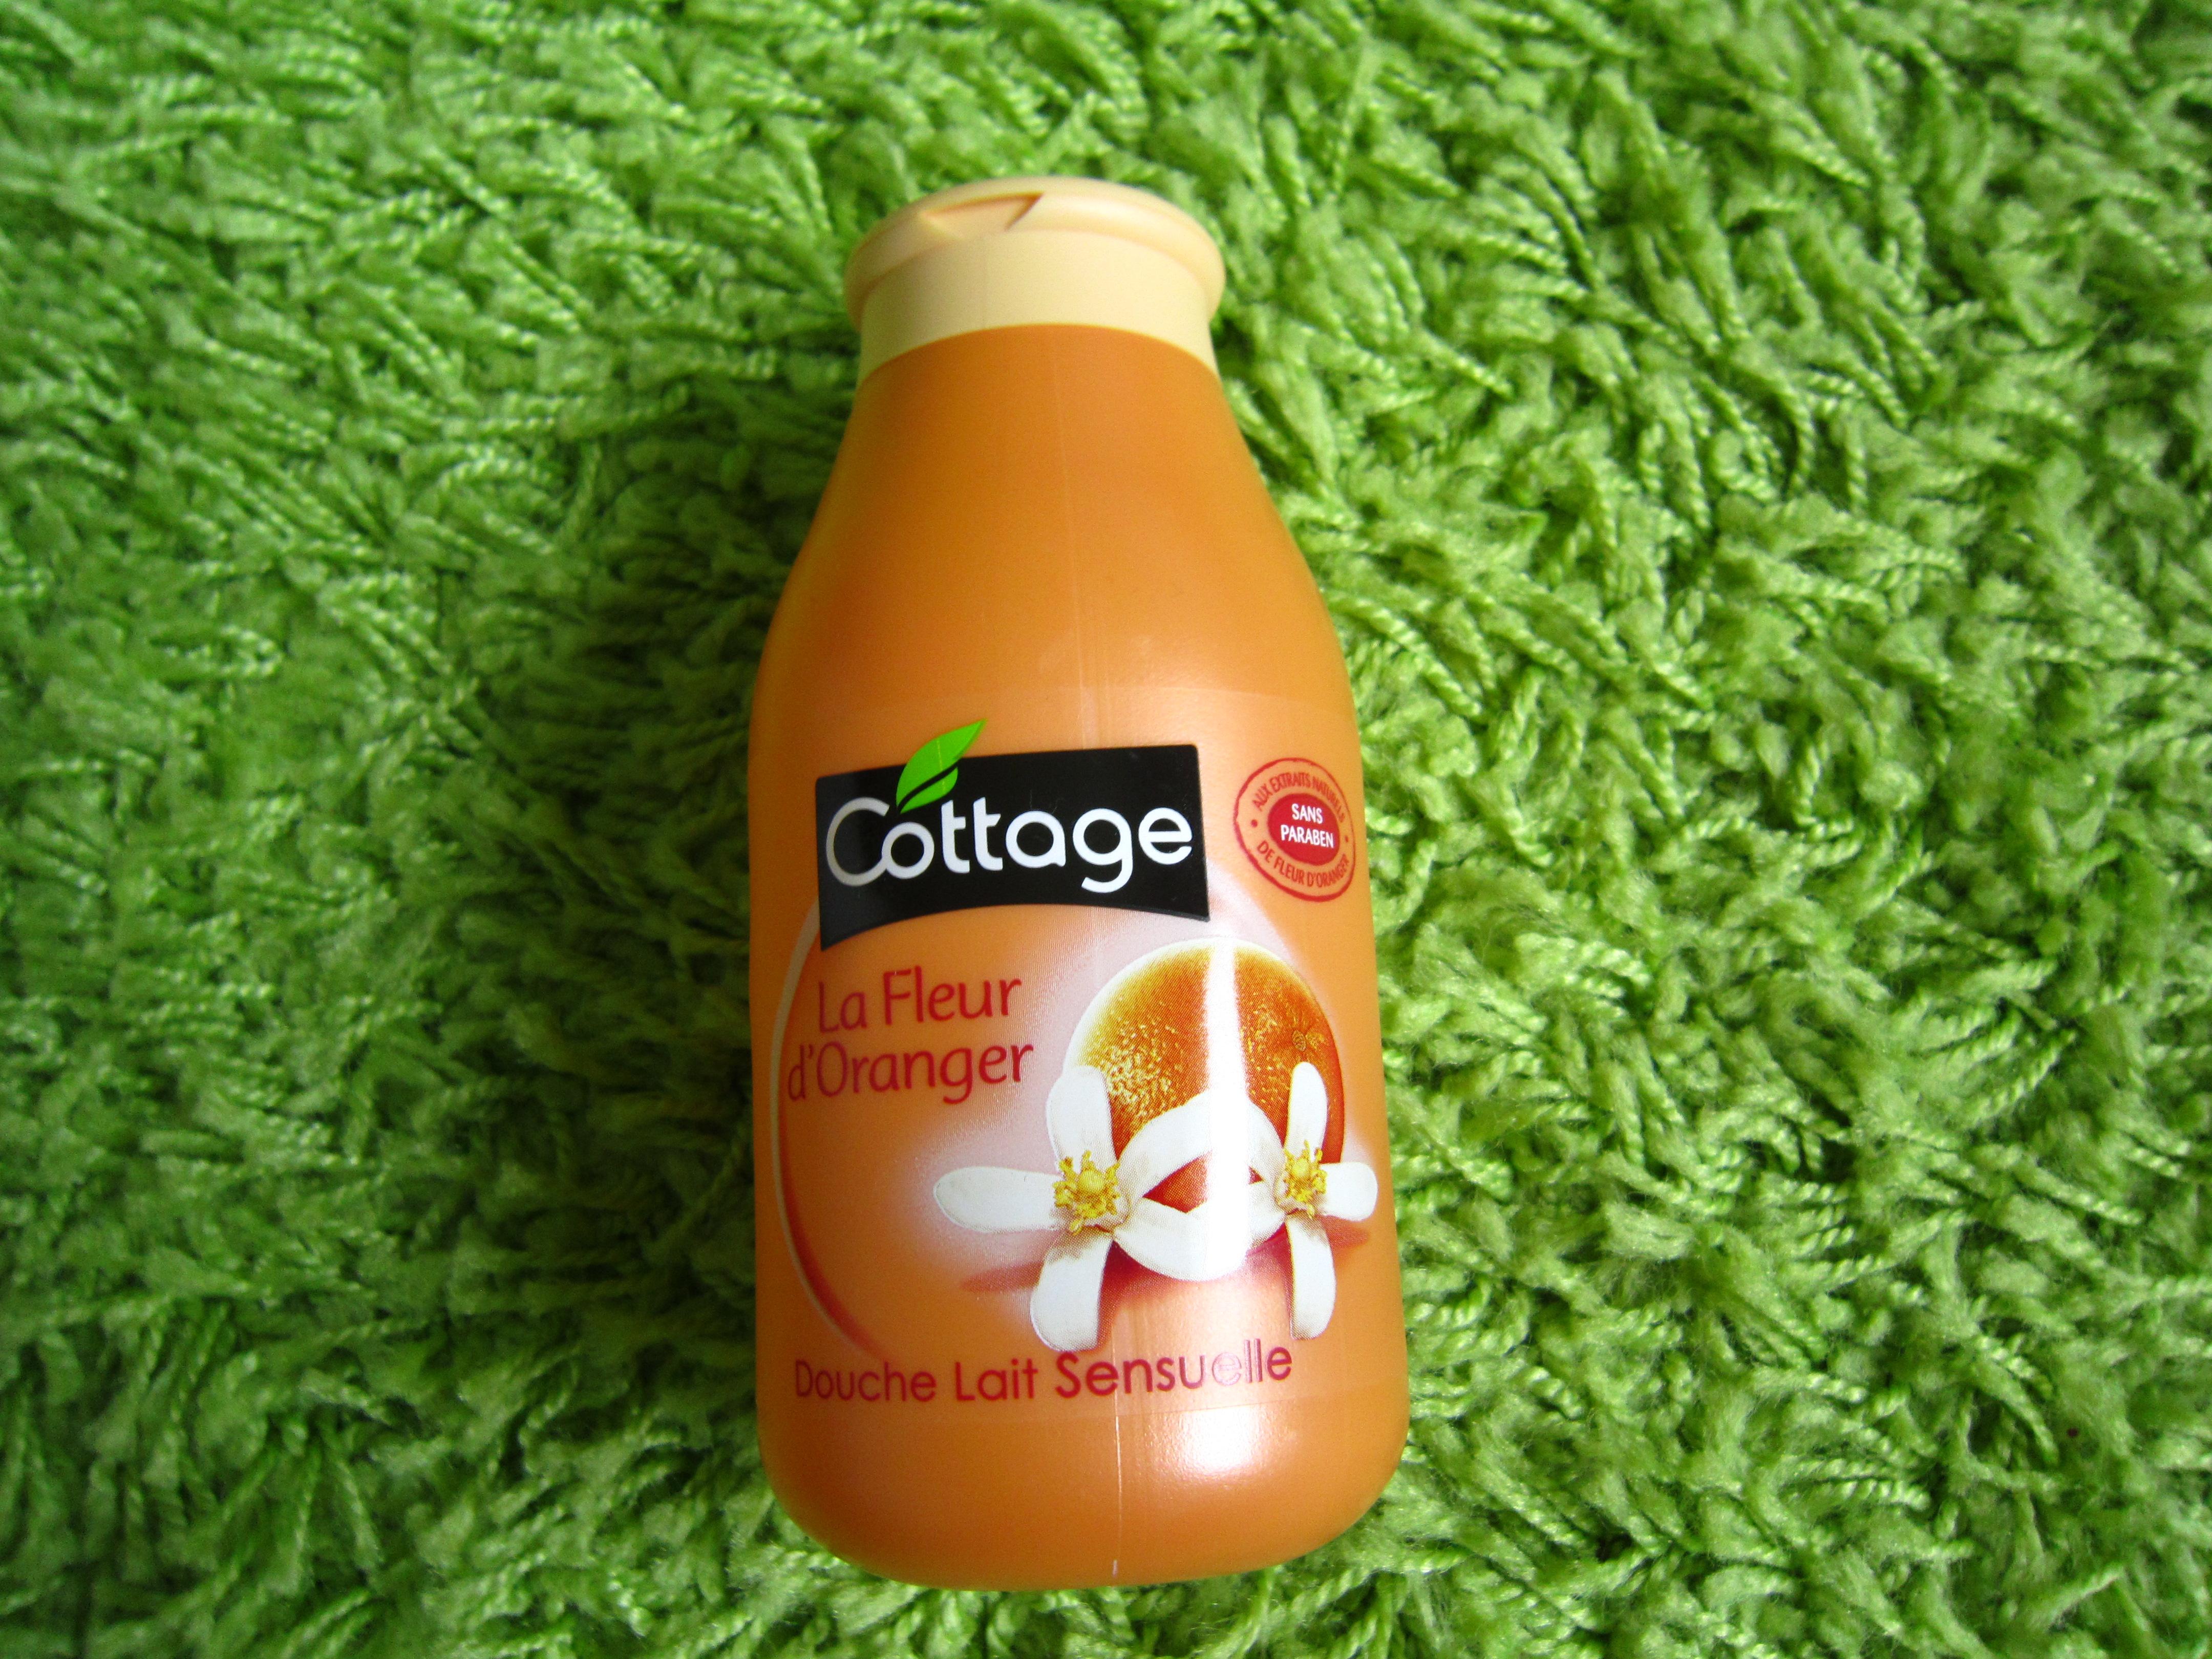 douche lait sensuelle: la fleur d'oranger de cottage – dans le